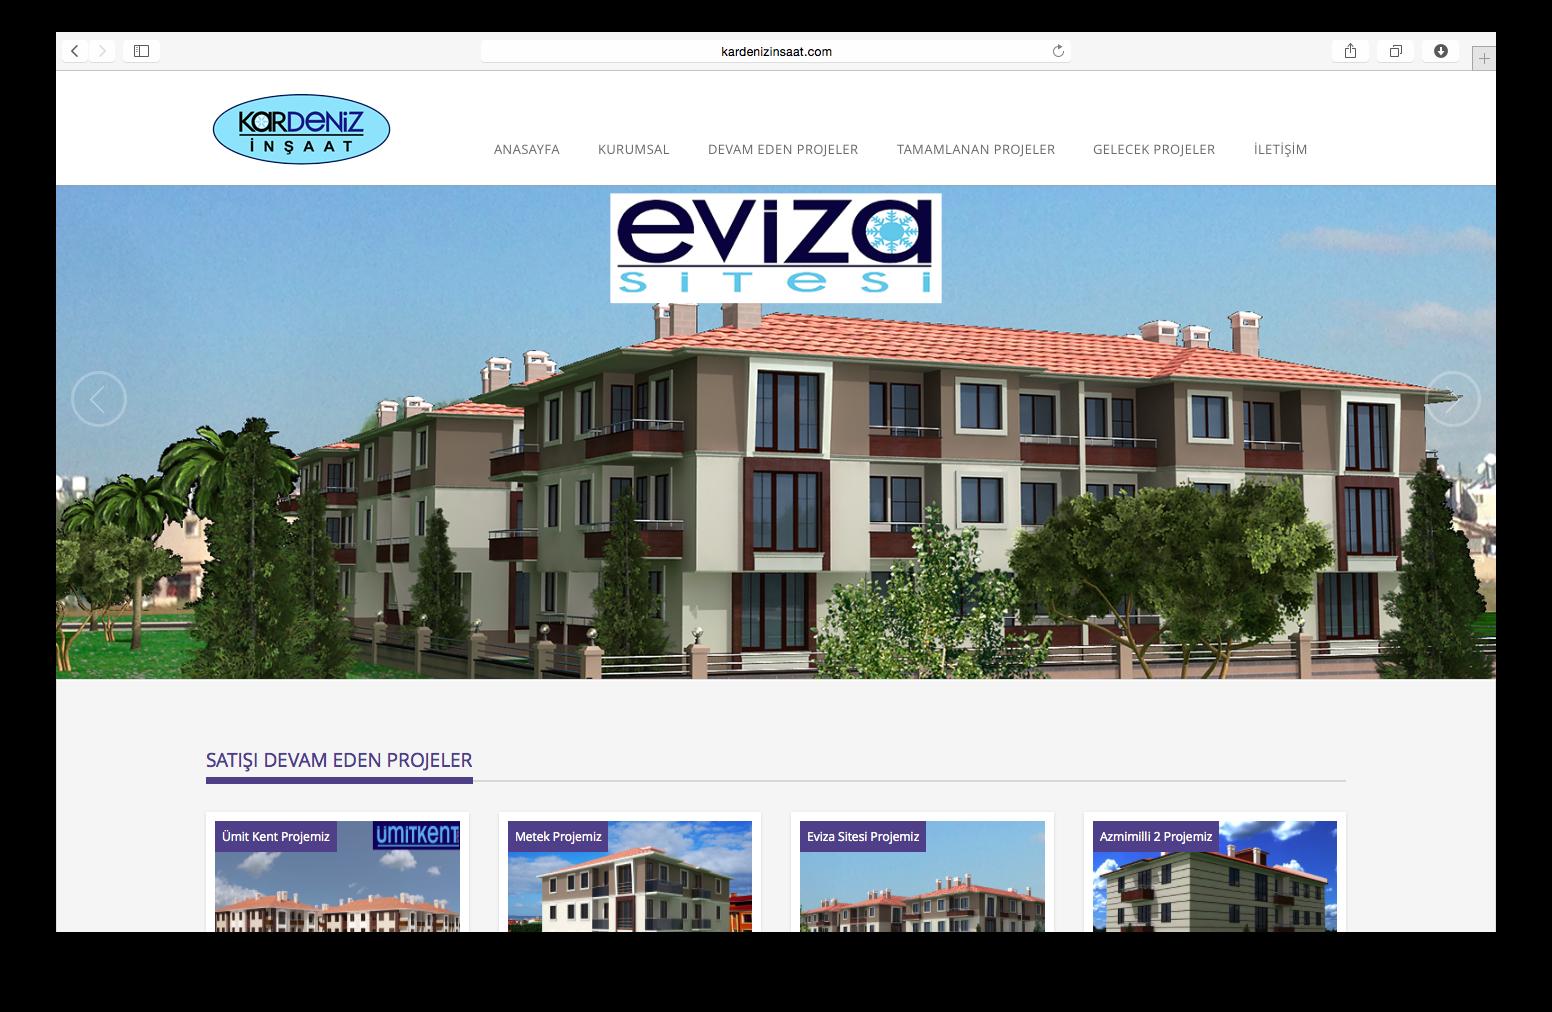 Kardeniz İnşaat Web Sitesi Yenilendi